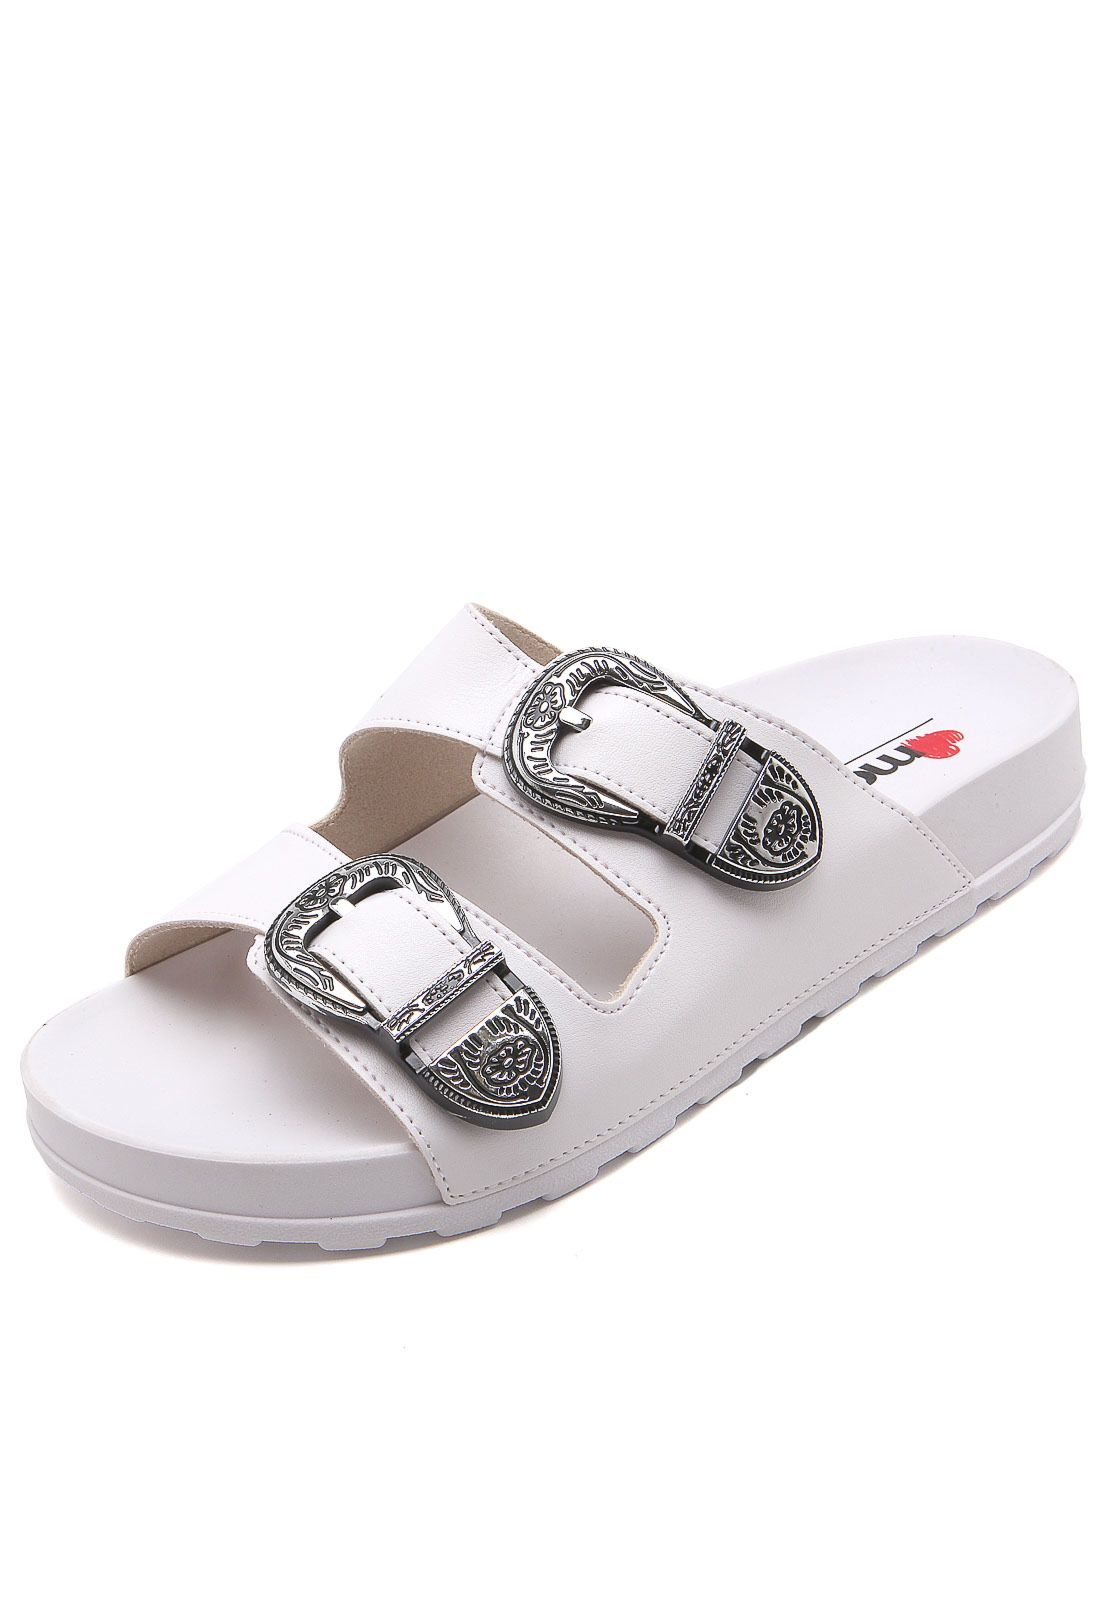 Sandalias Rasteiras Para Adulto em Promoção nas Lojas